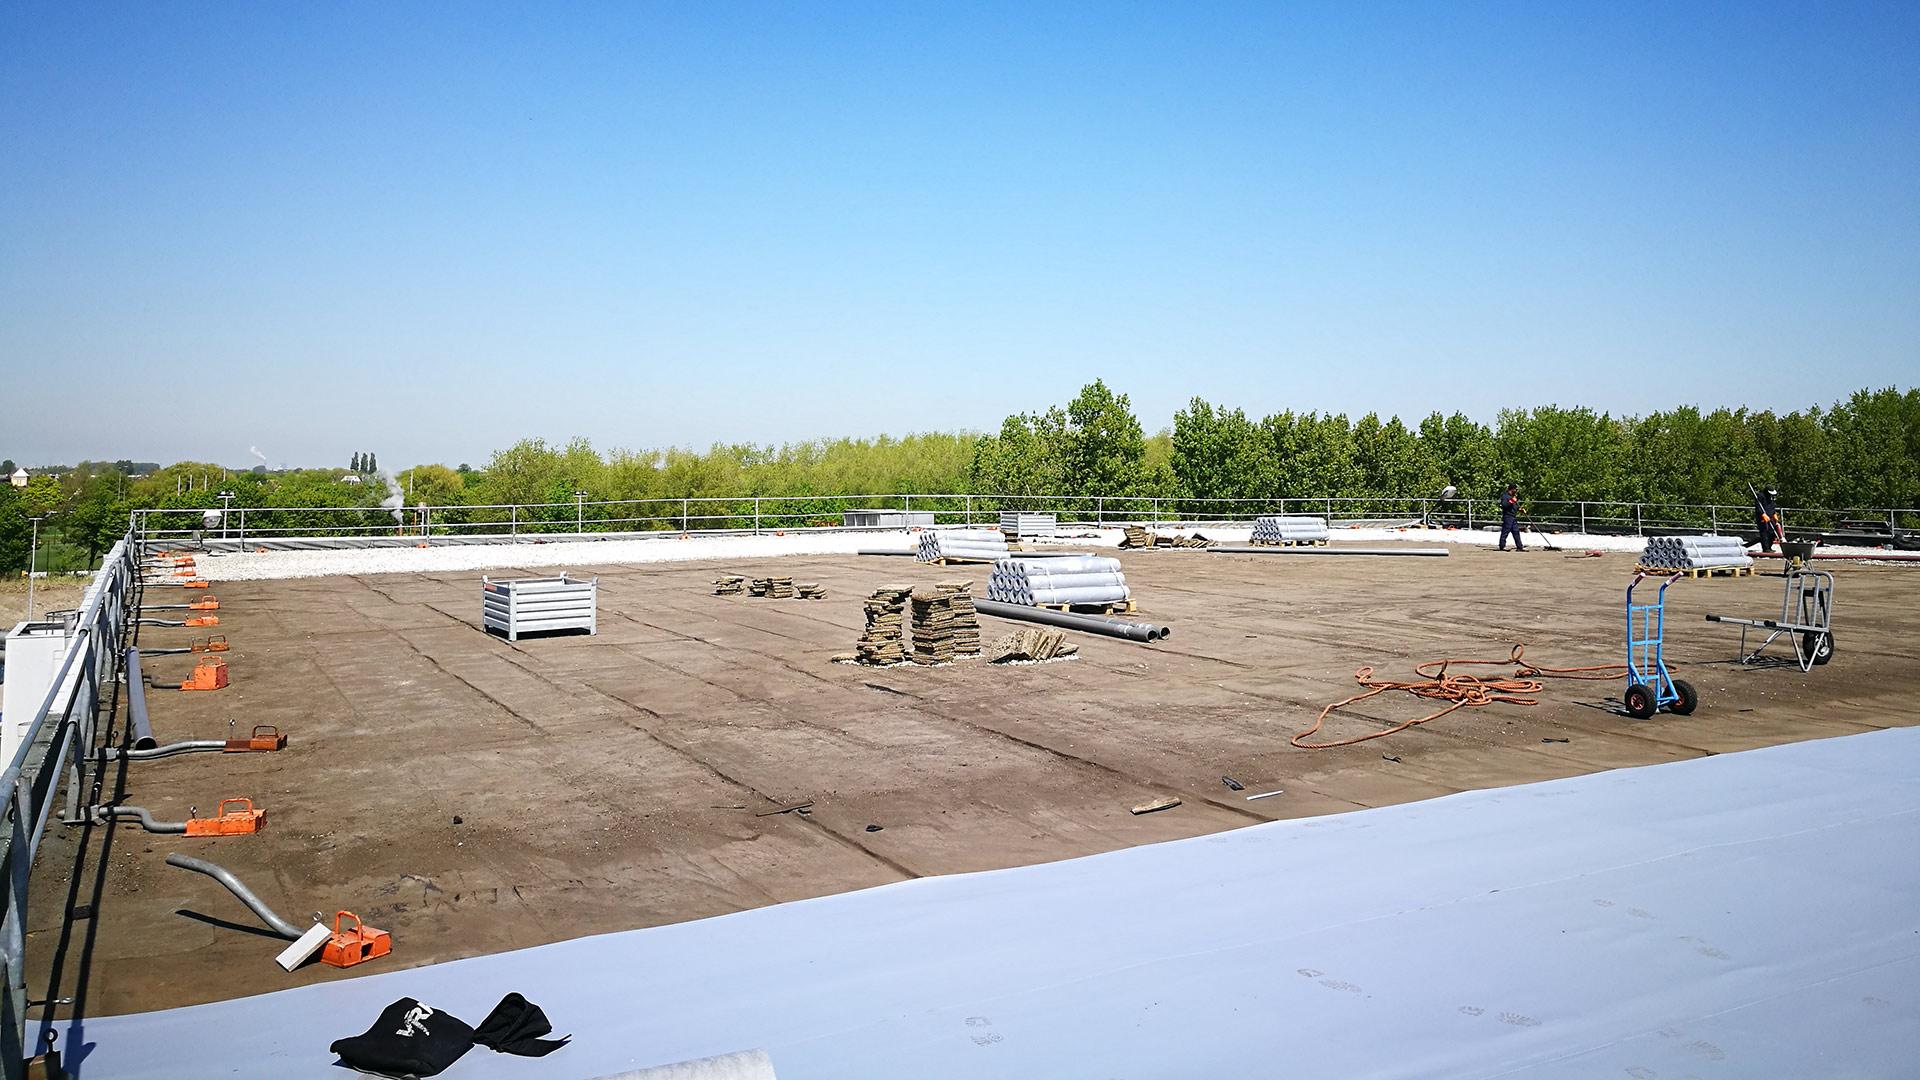 Renovatie dakbedekking vrieshuis frietfabriek Oudenhoorn (Ballastdak)